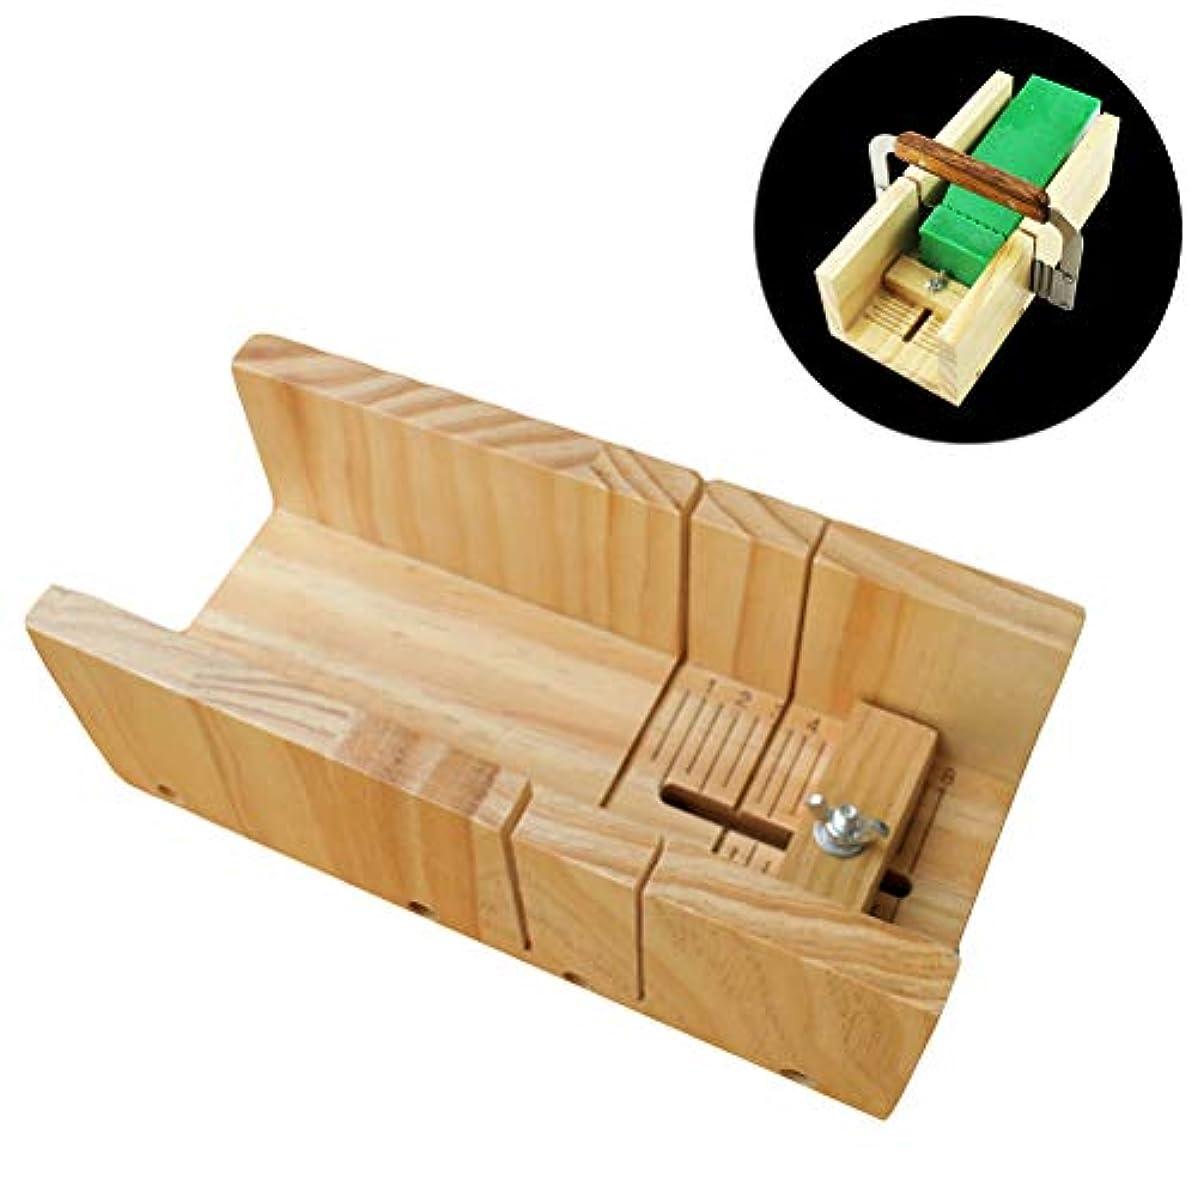 マークされた不倫儀式Healifty 木製石鹸カッターモールド石鹸ロープモールド調節可能なカッターモールドボックス石鹸ツールを作る